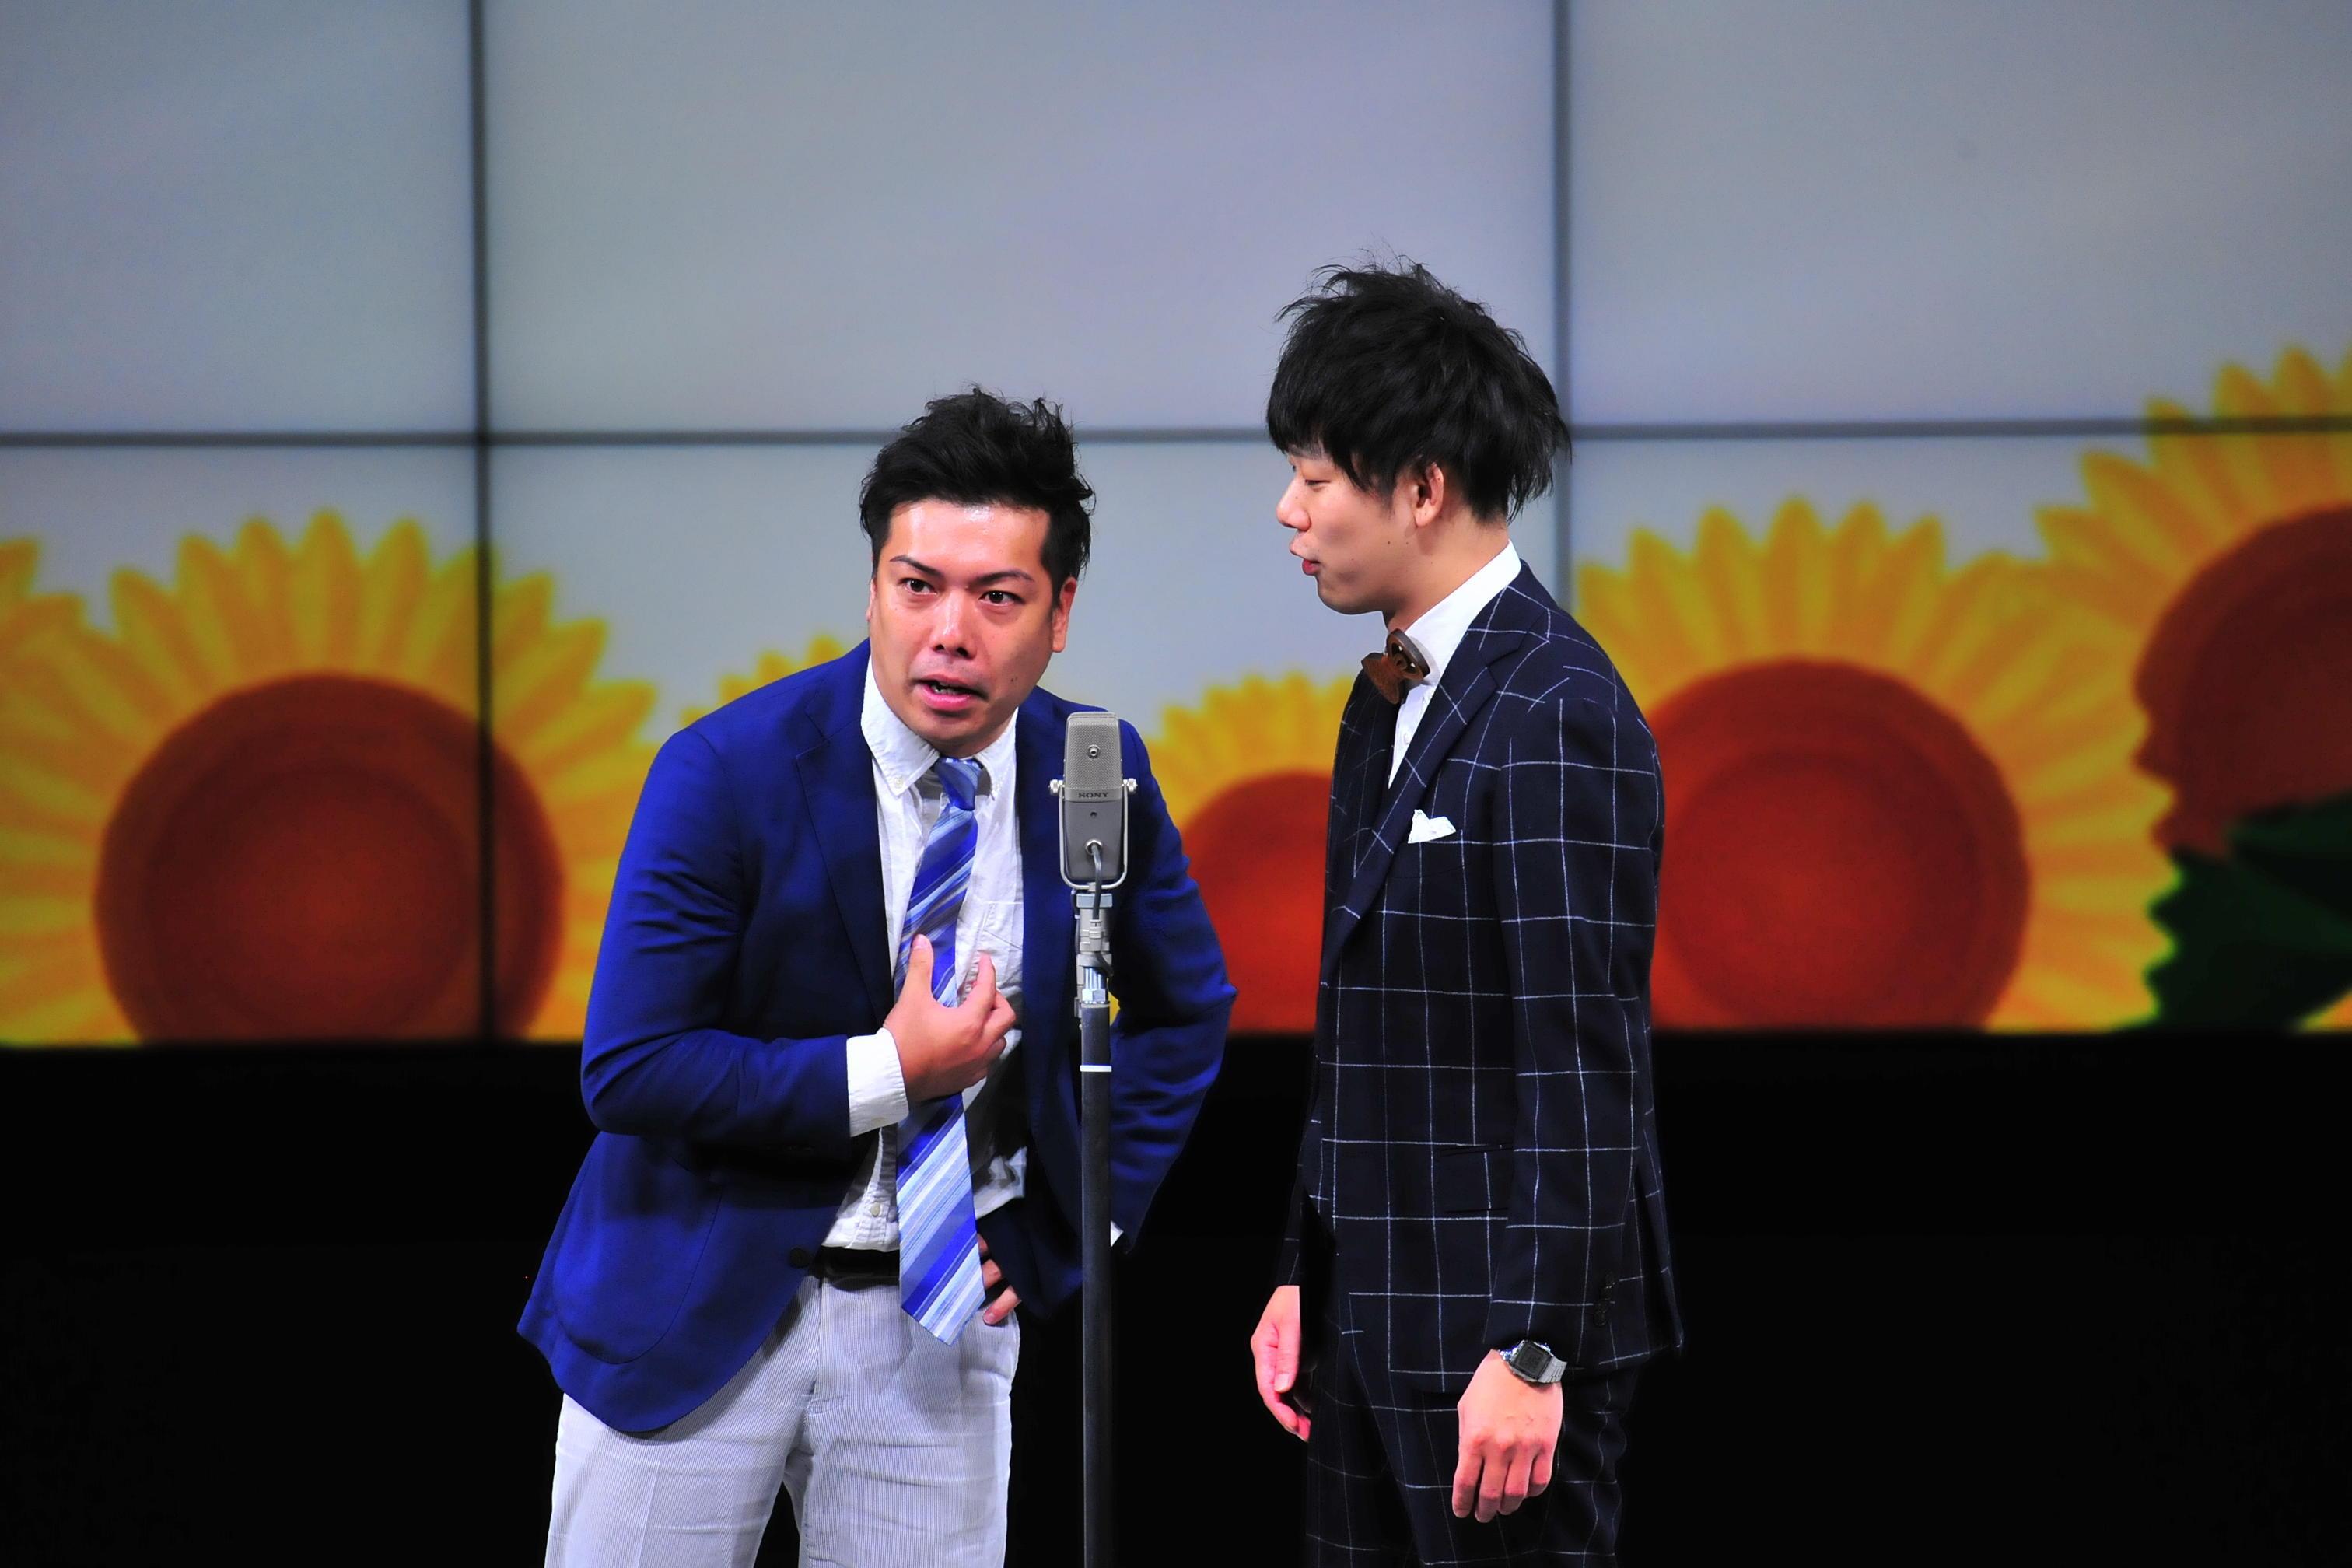 http://news.yoshimoto.co.jp/20160809235513-5800c10fee1f986fdde21d4b4a1f9f8f1f2ad374.jpg